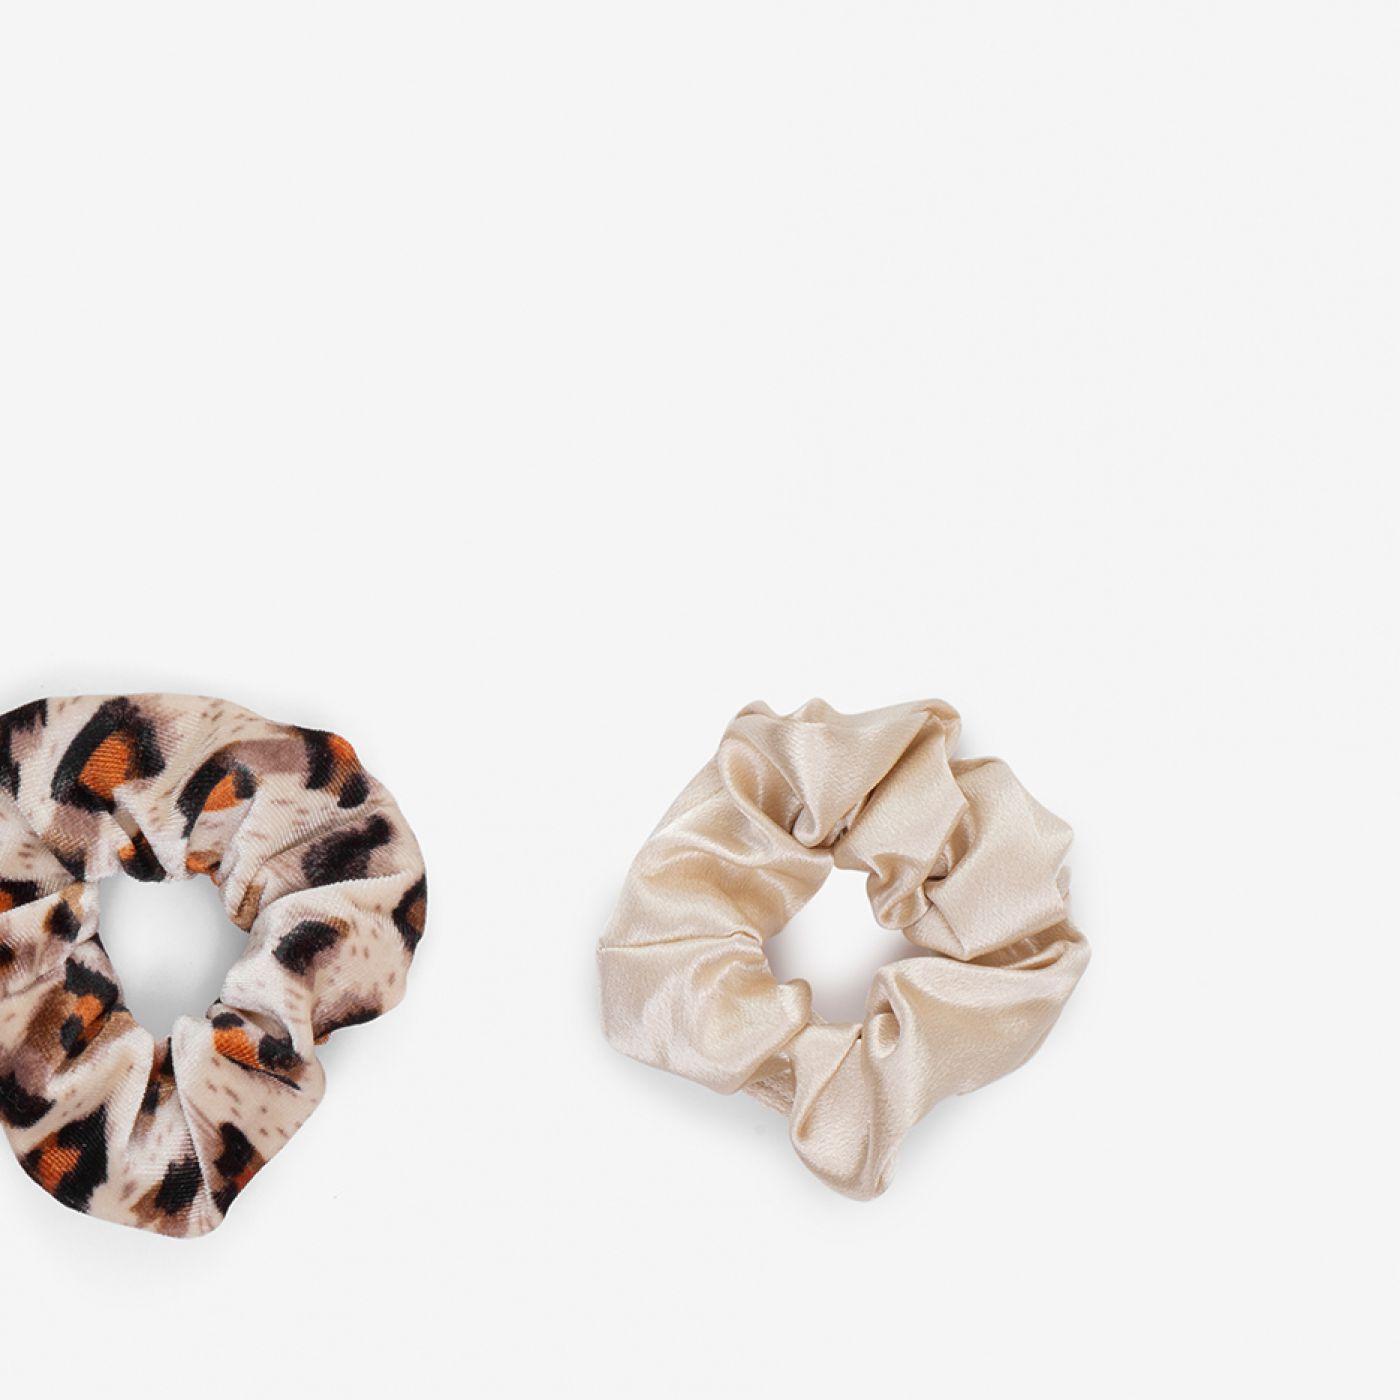 זוג גומיות סקראנצ'י